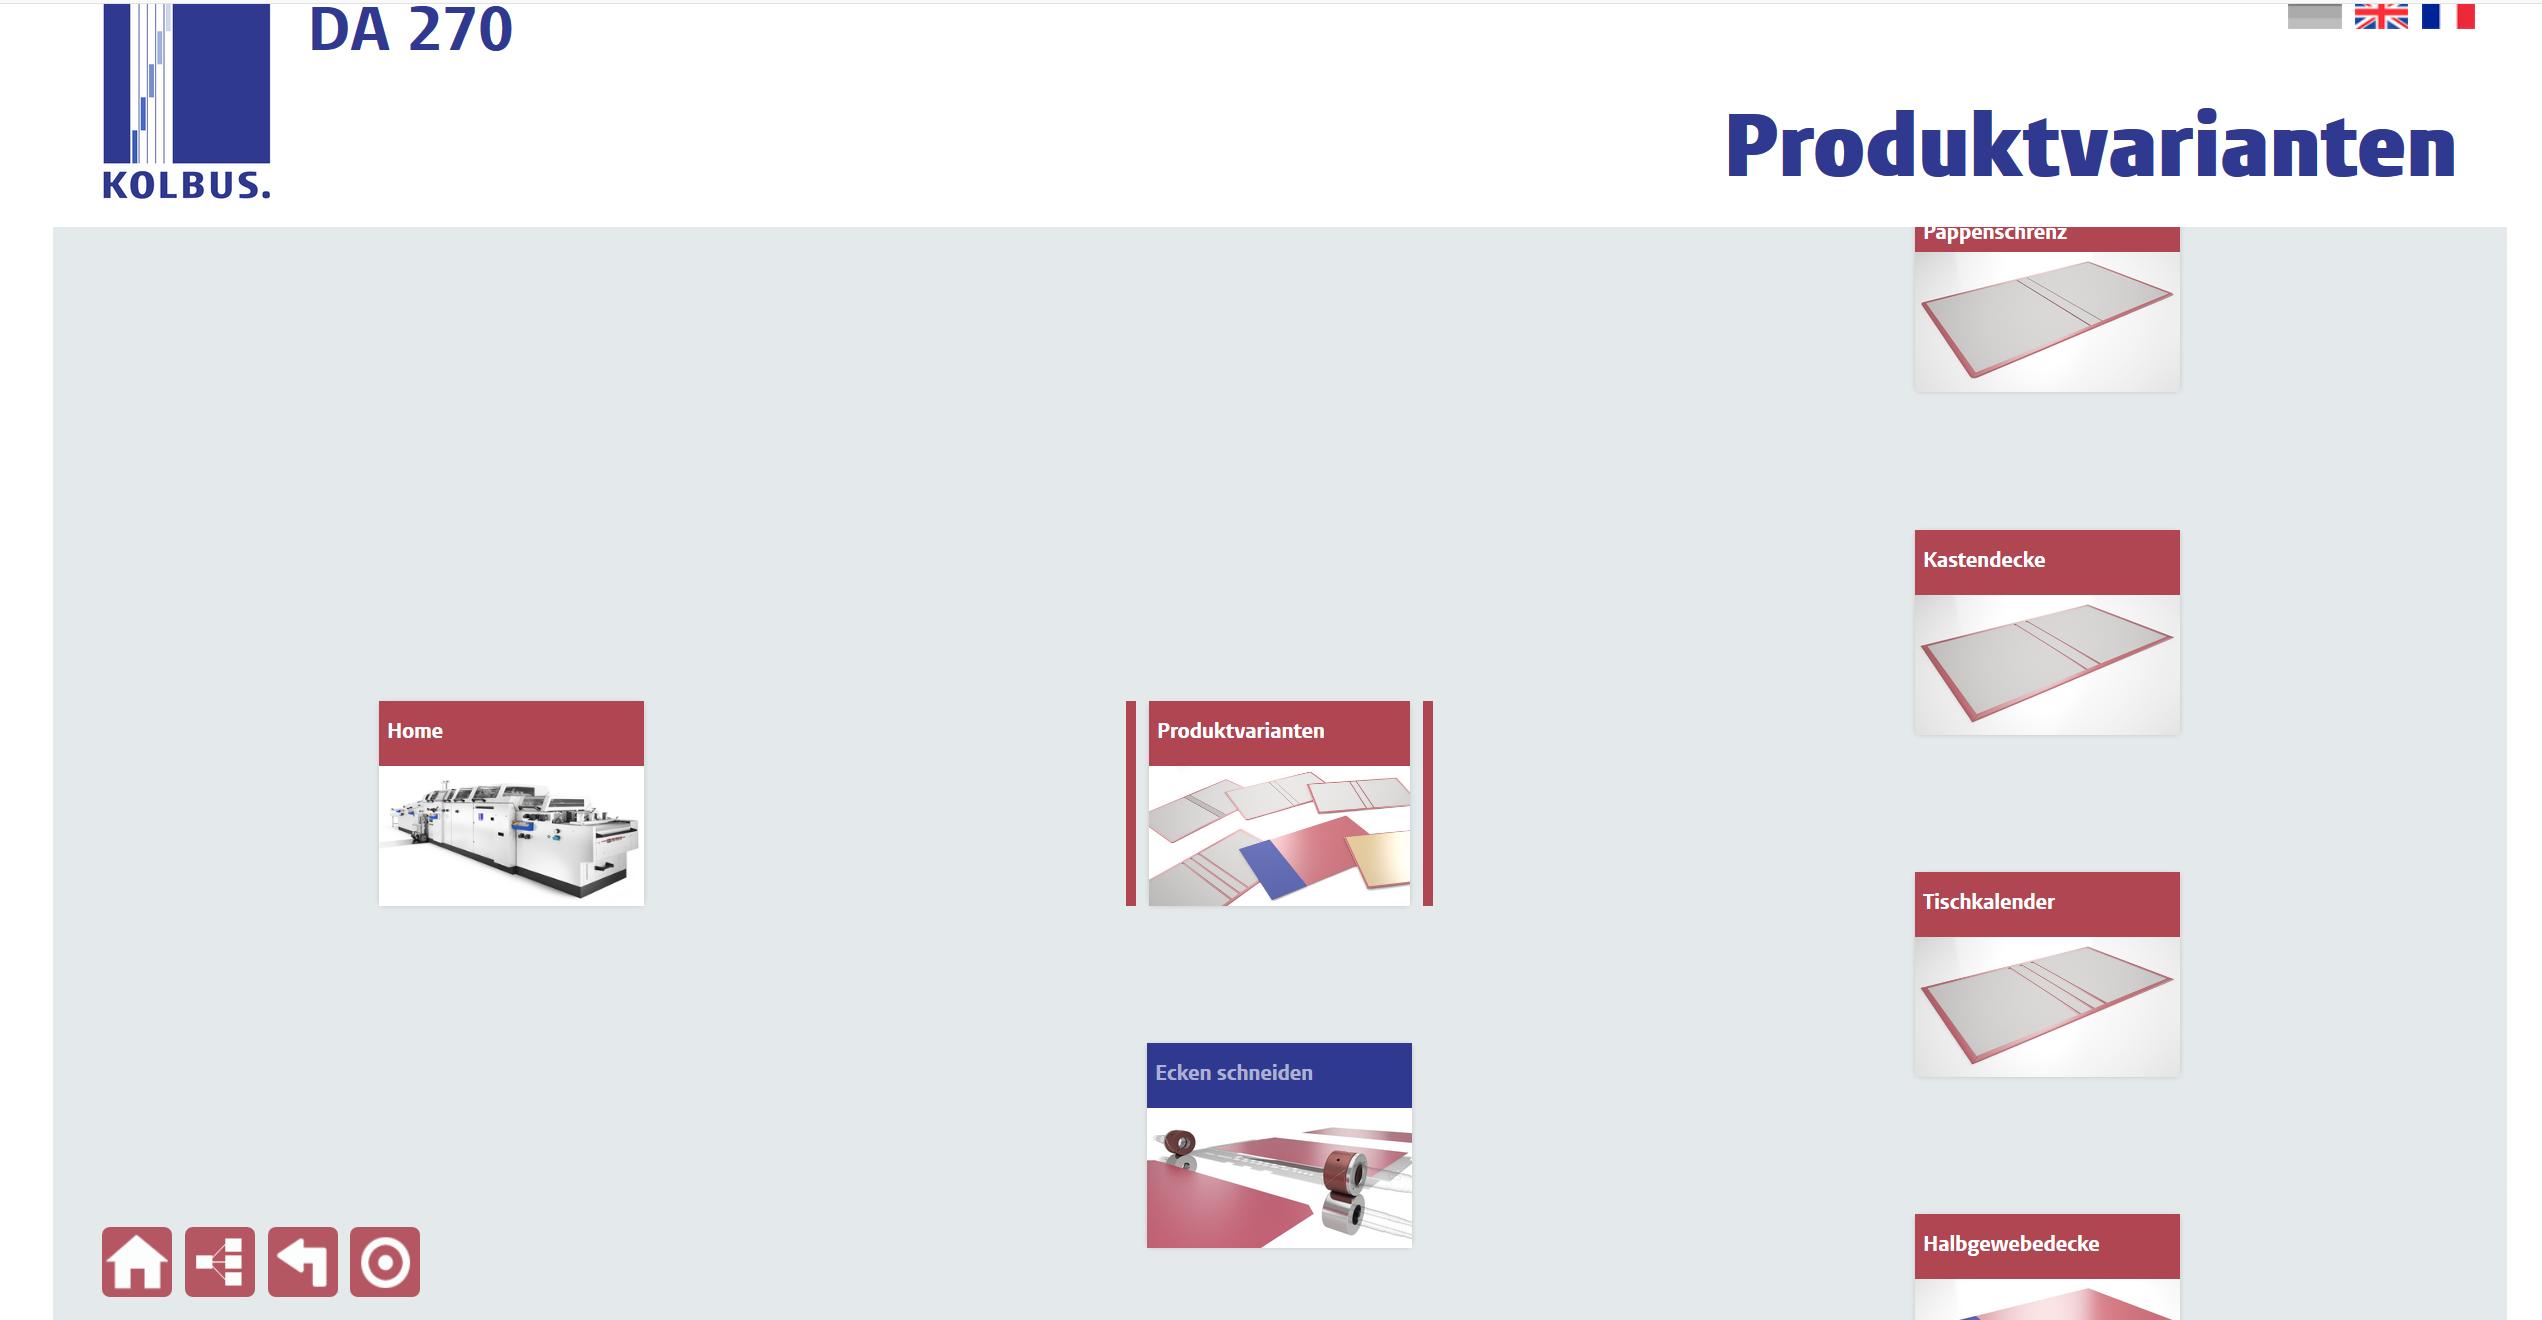 hierarchische Navigation in der Webapp zur Produktpräsentation